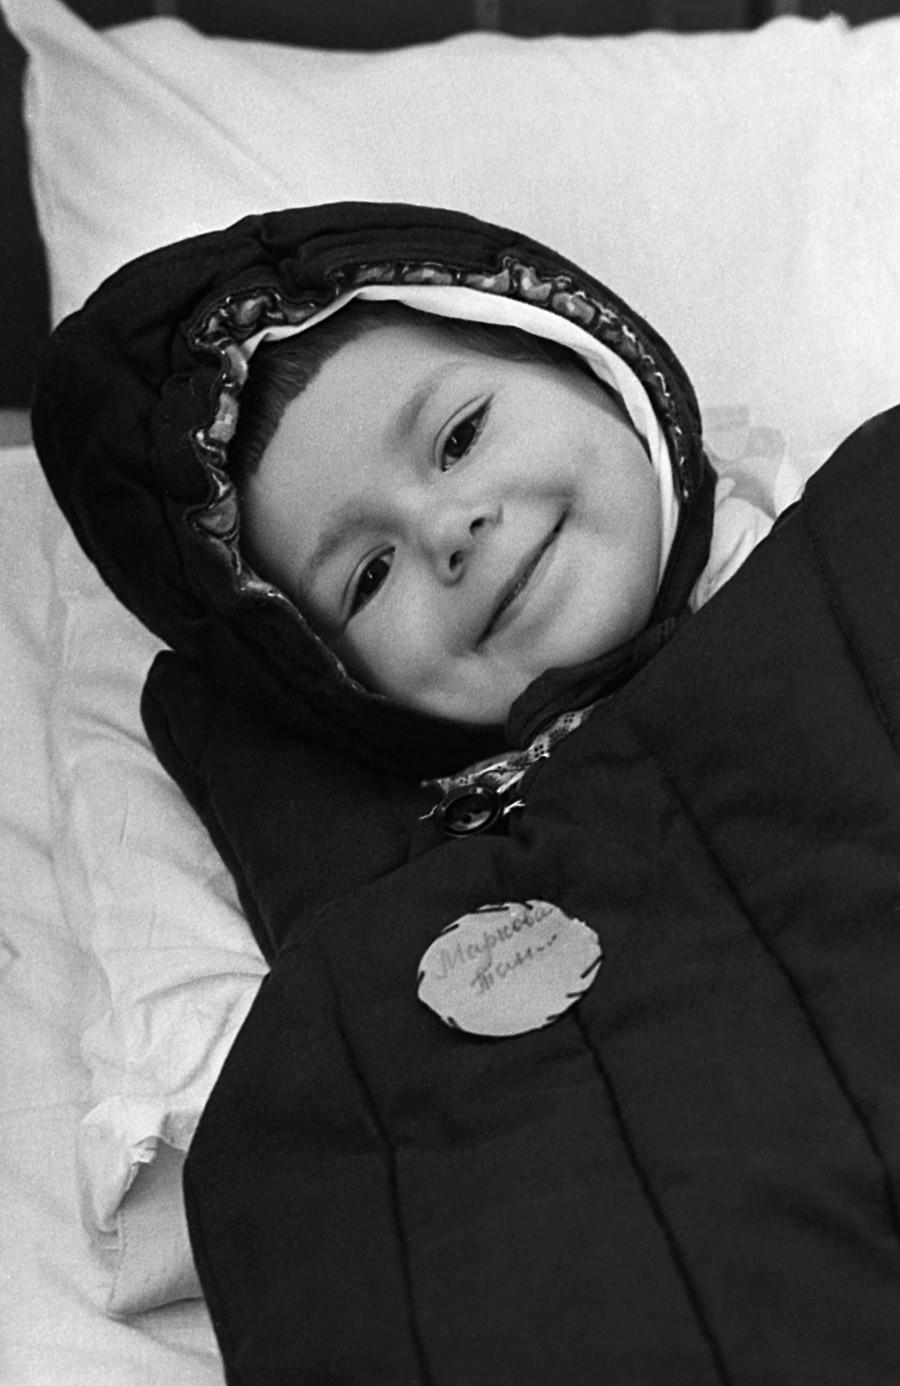 Deklica v spalni vreči v vrtcu v Čerepovcu, 1973